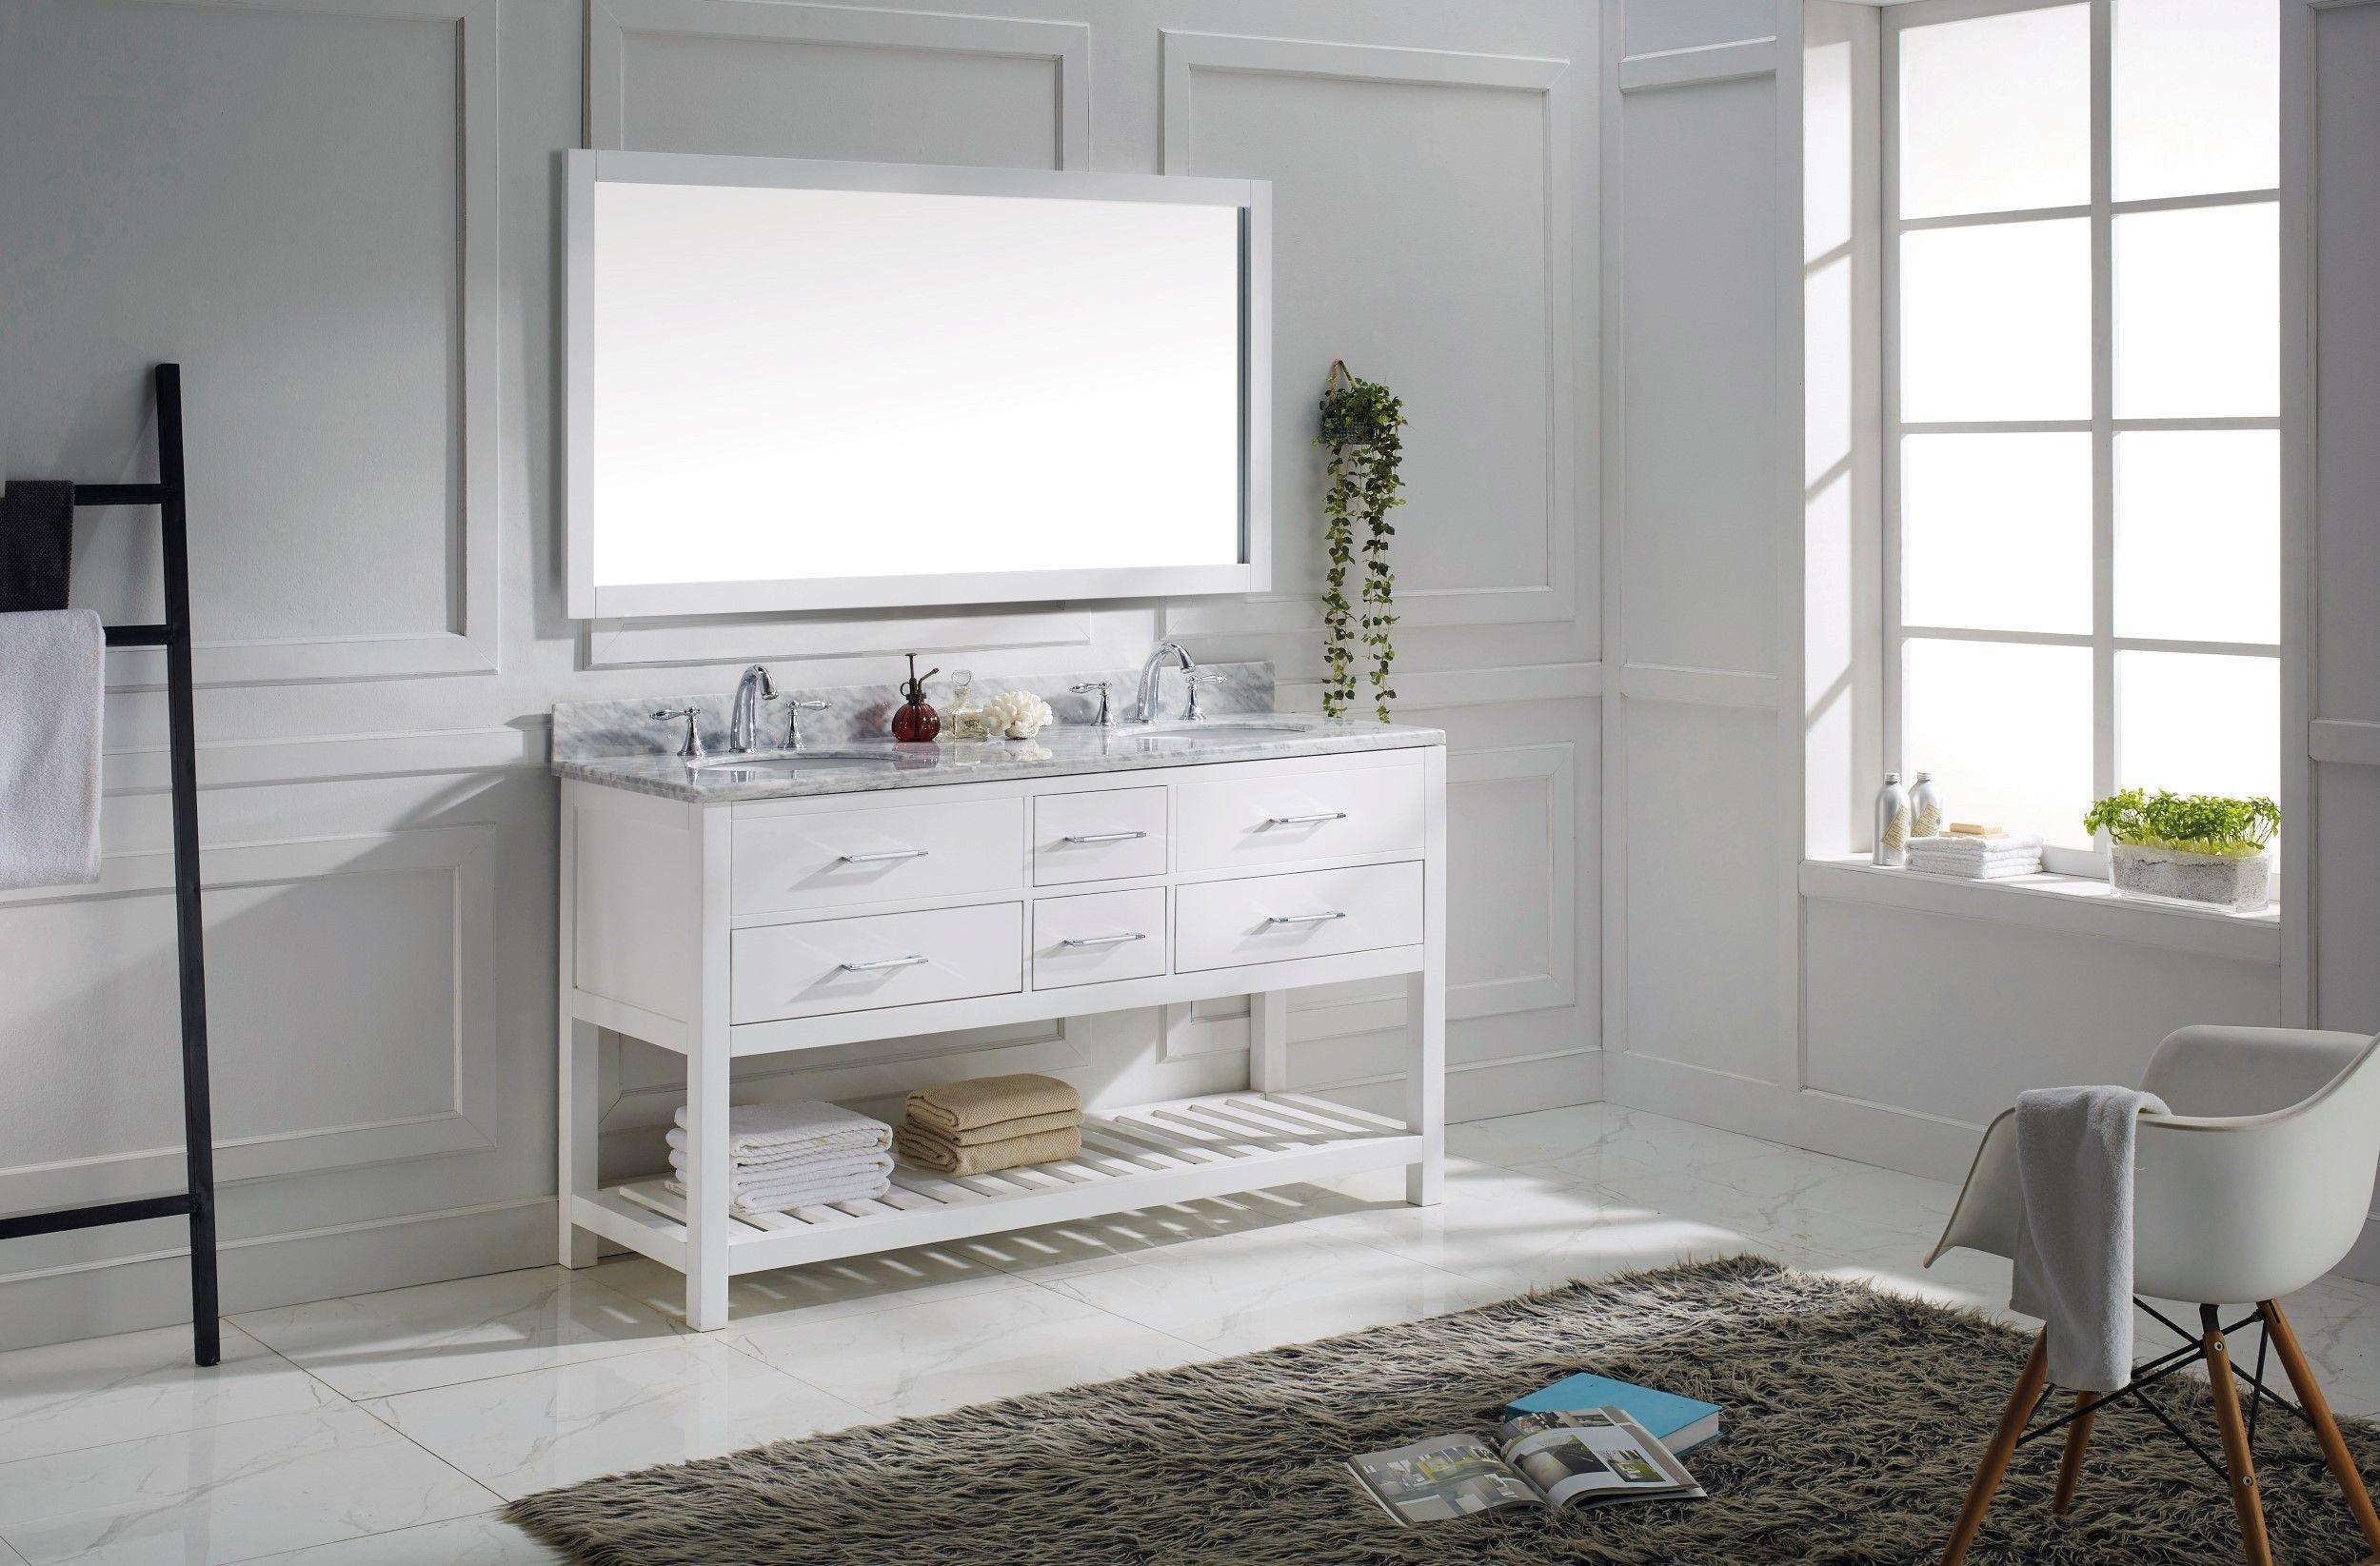 Badezimmer eitelkeit tops doppelzimmer badezimmer eitelkeiten  ihre eitelkeit ist auch ein